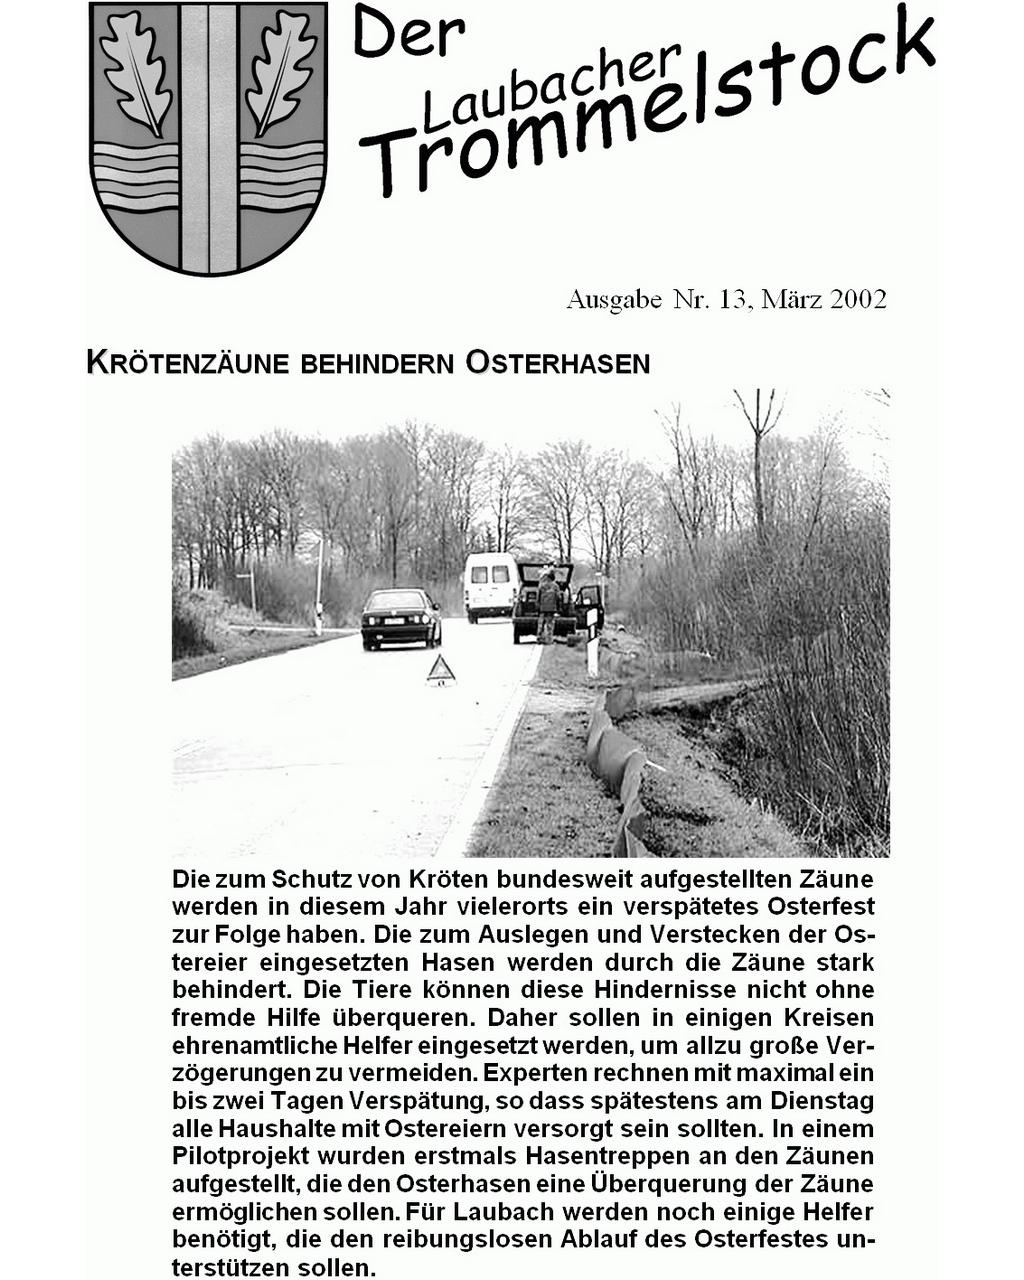 Laubacher-Trommelstock-Titelseite-013